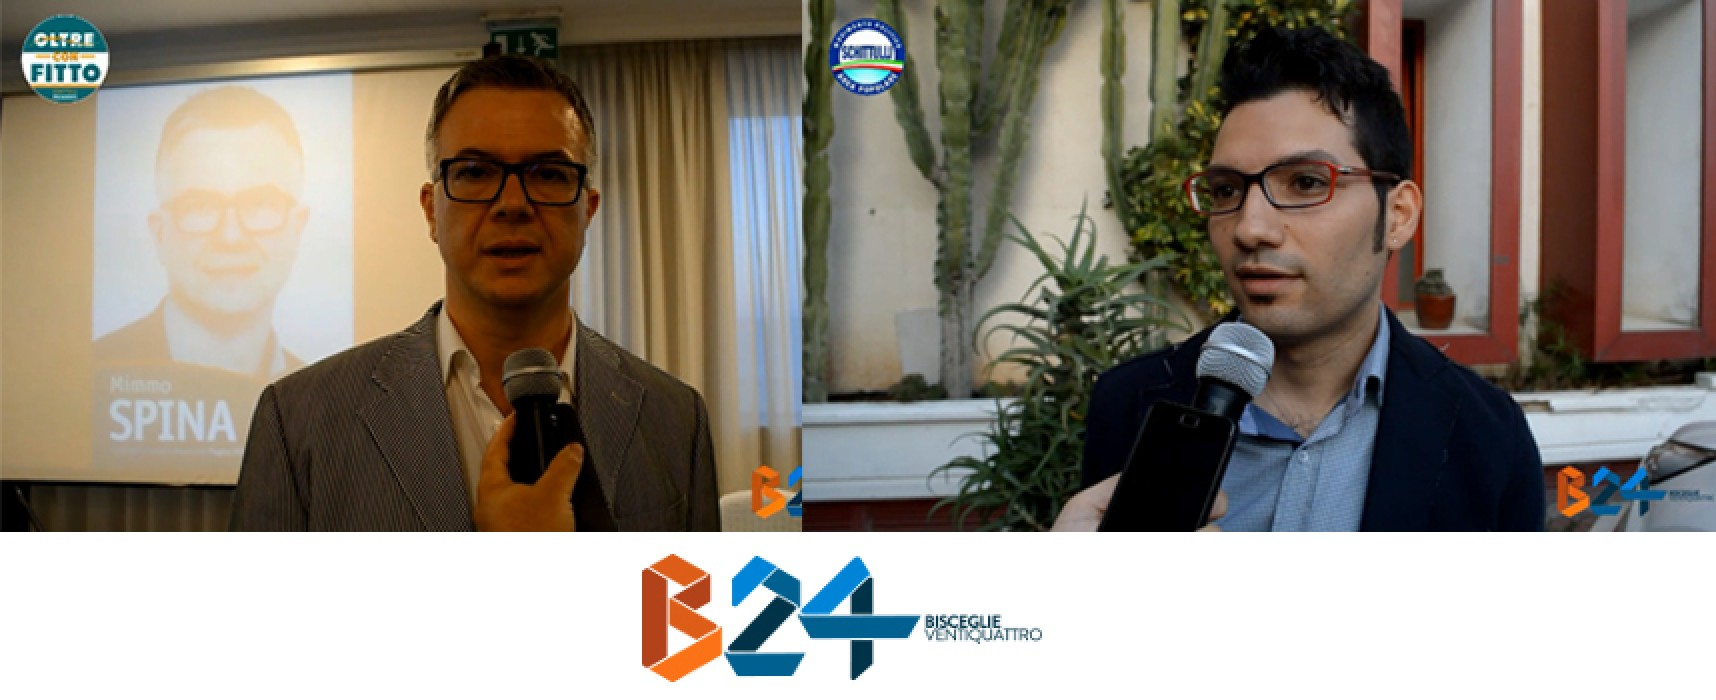 Elezioni regionali, intervista ai candidati consiglieri Spina (Oltre) e Di Pierro (Area Popolare) / VIDEO